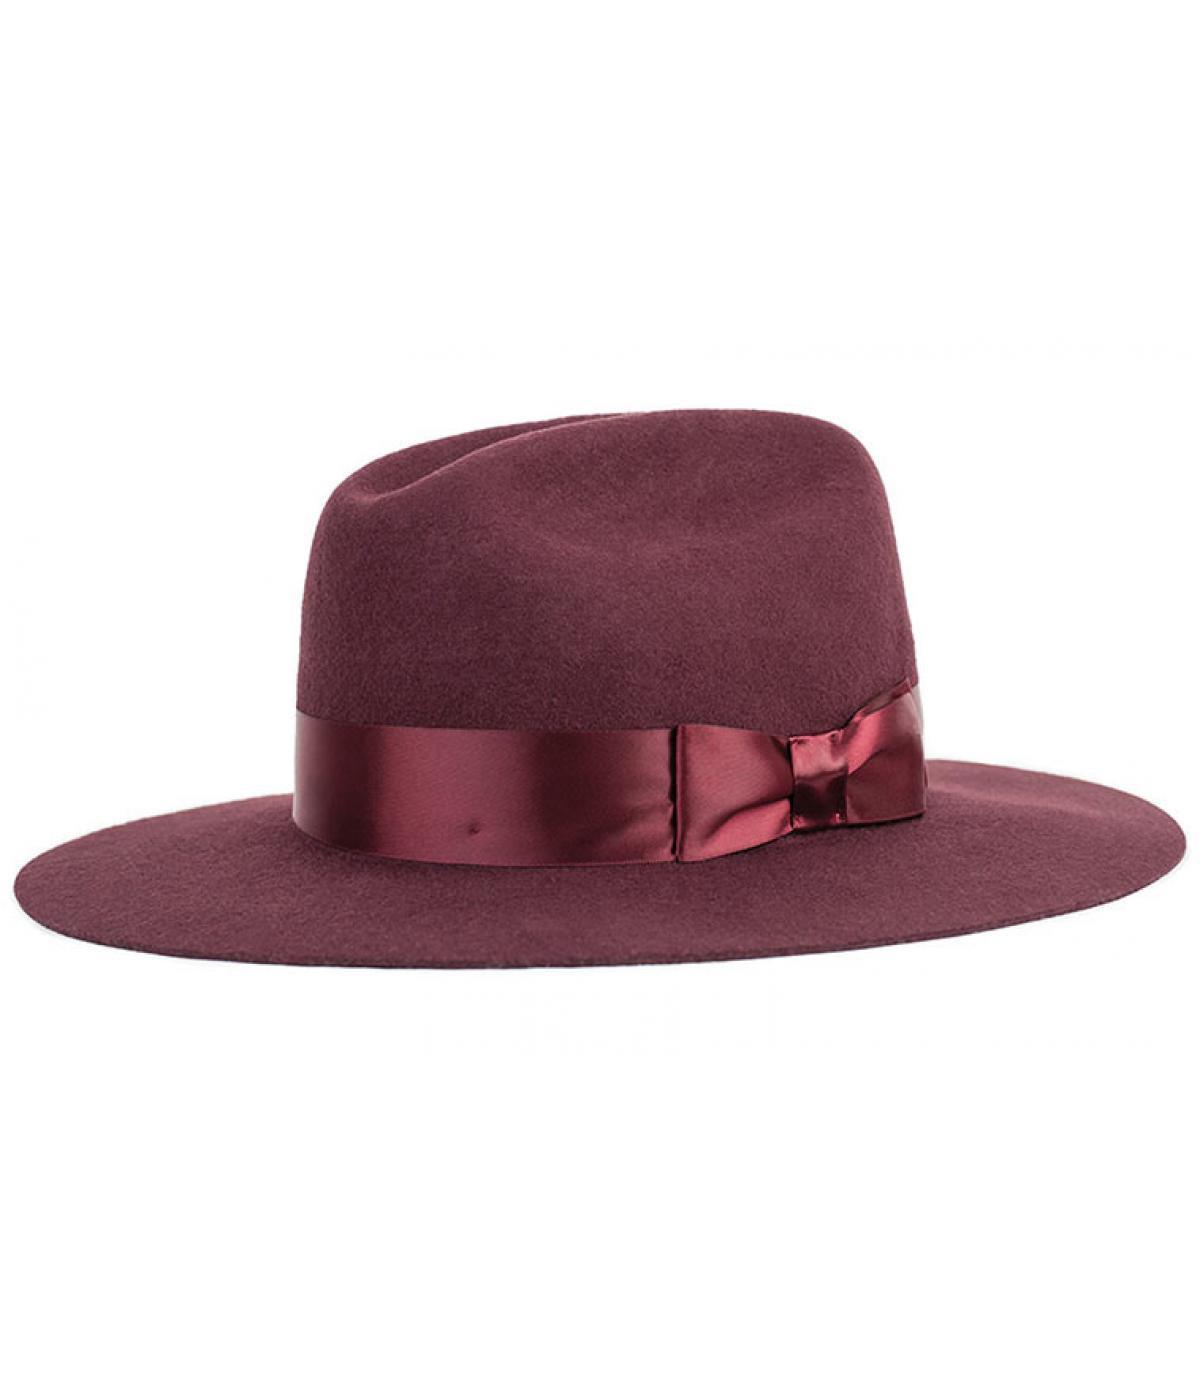 Burgundy women felt hat - Tara fedora maroon by Brixton. dccc2df4f5a